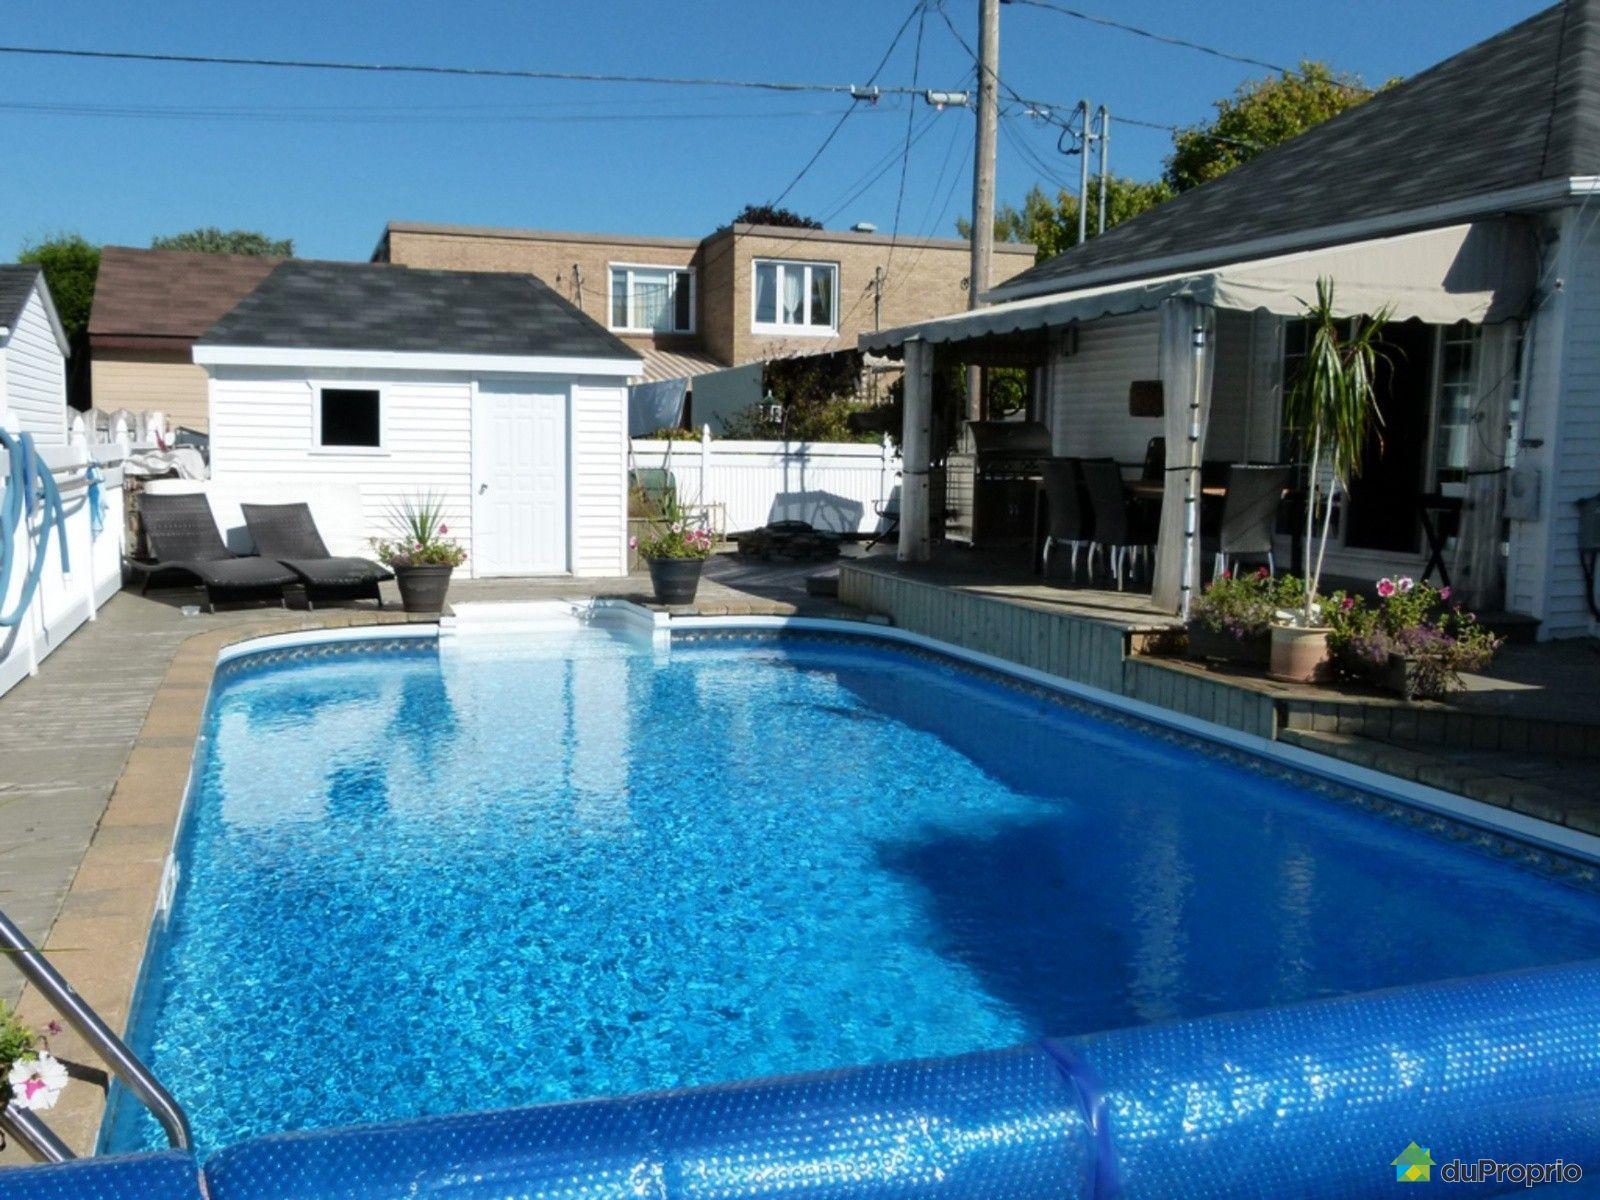 Bi g n ration vendre charlesbourg 1483 rue des rondeaux for Arpidrome charlesbourg piscine